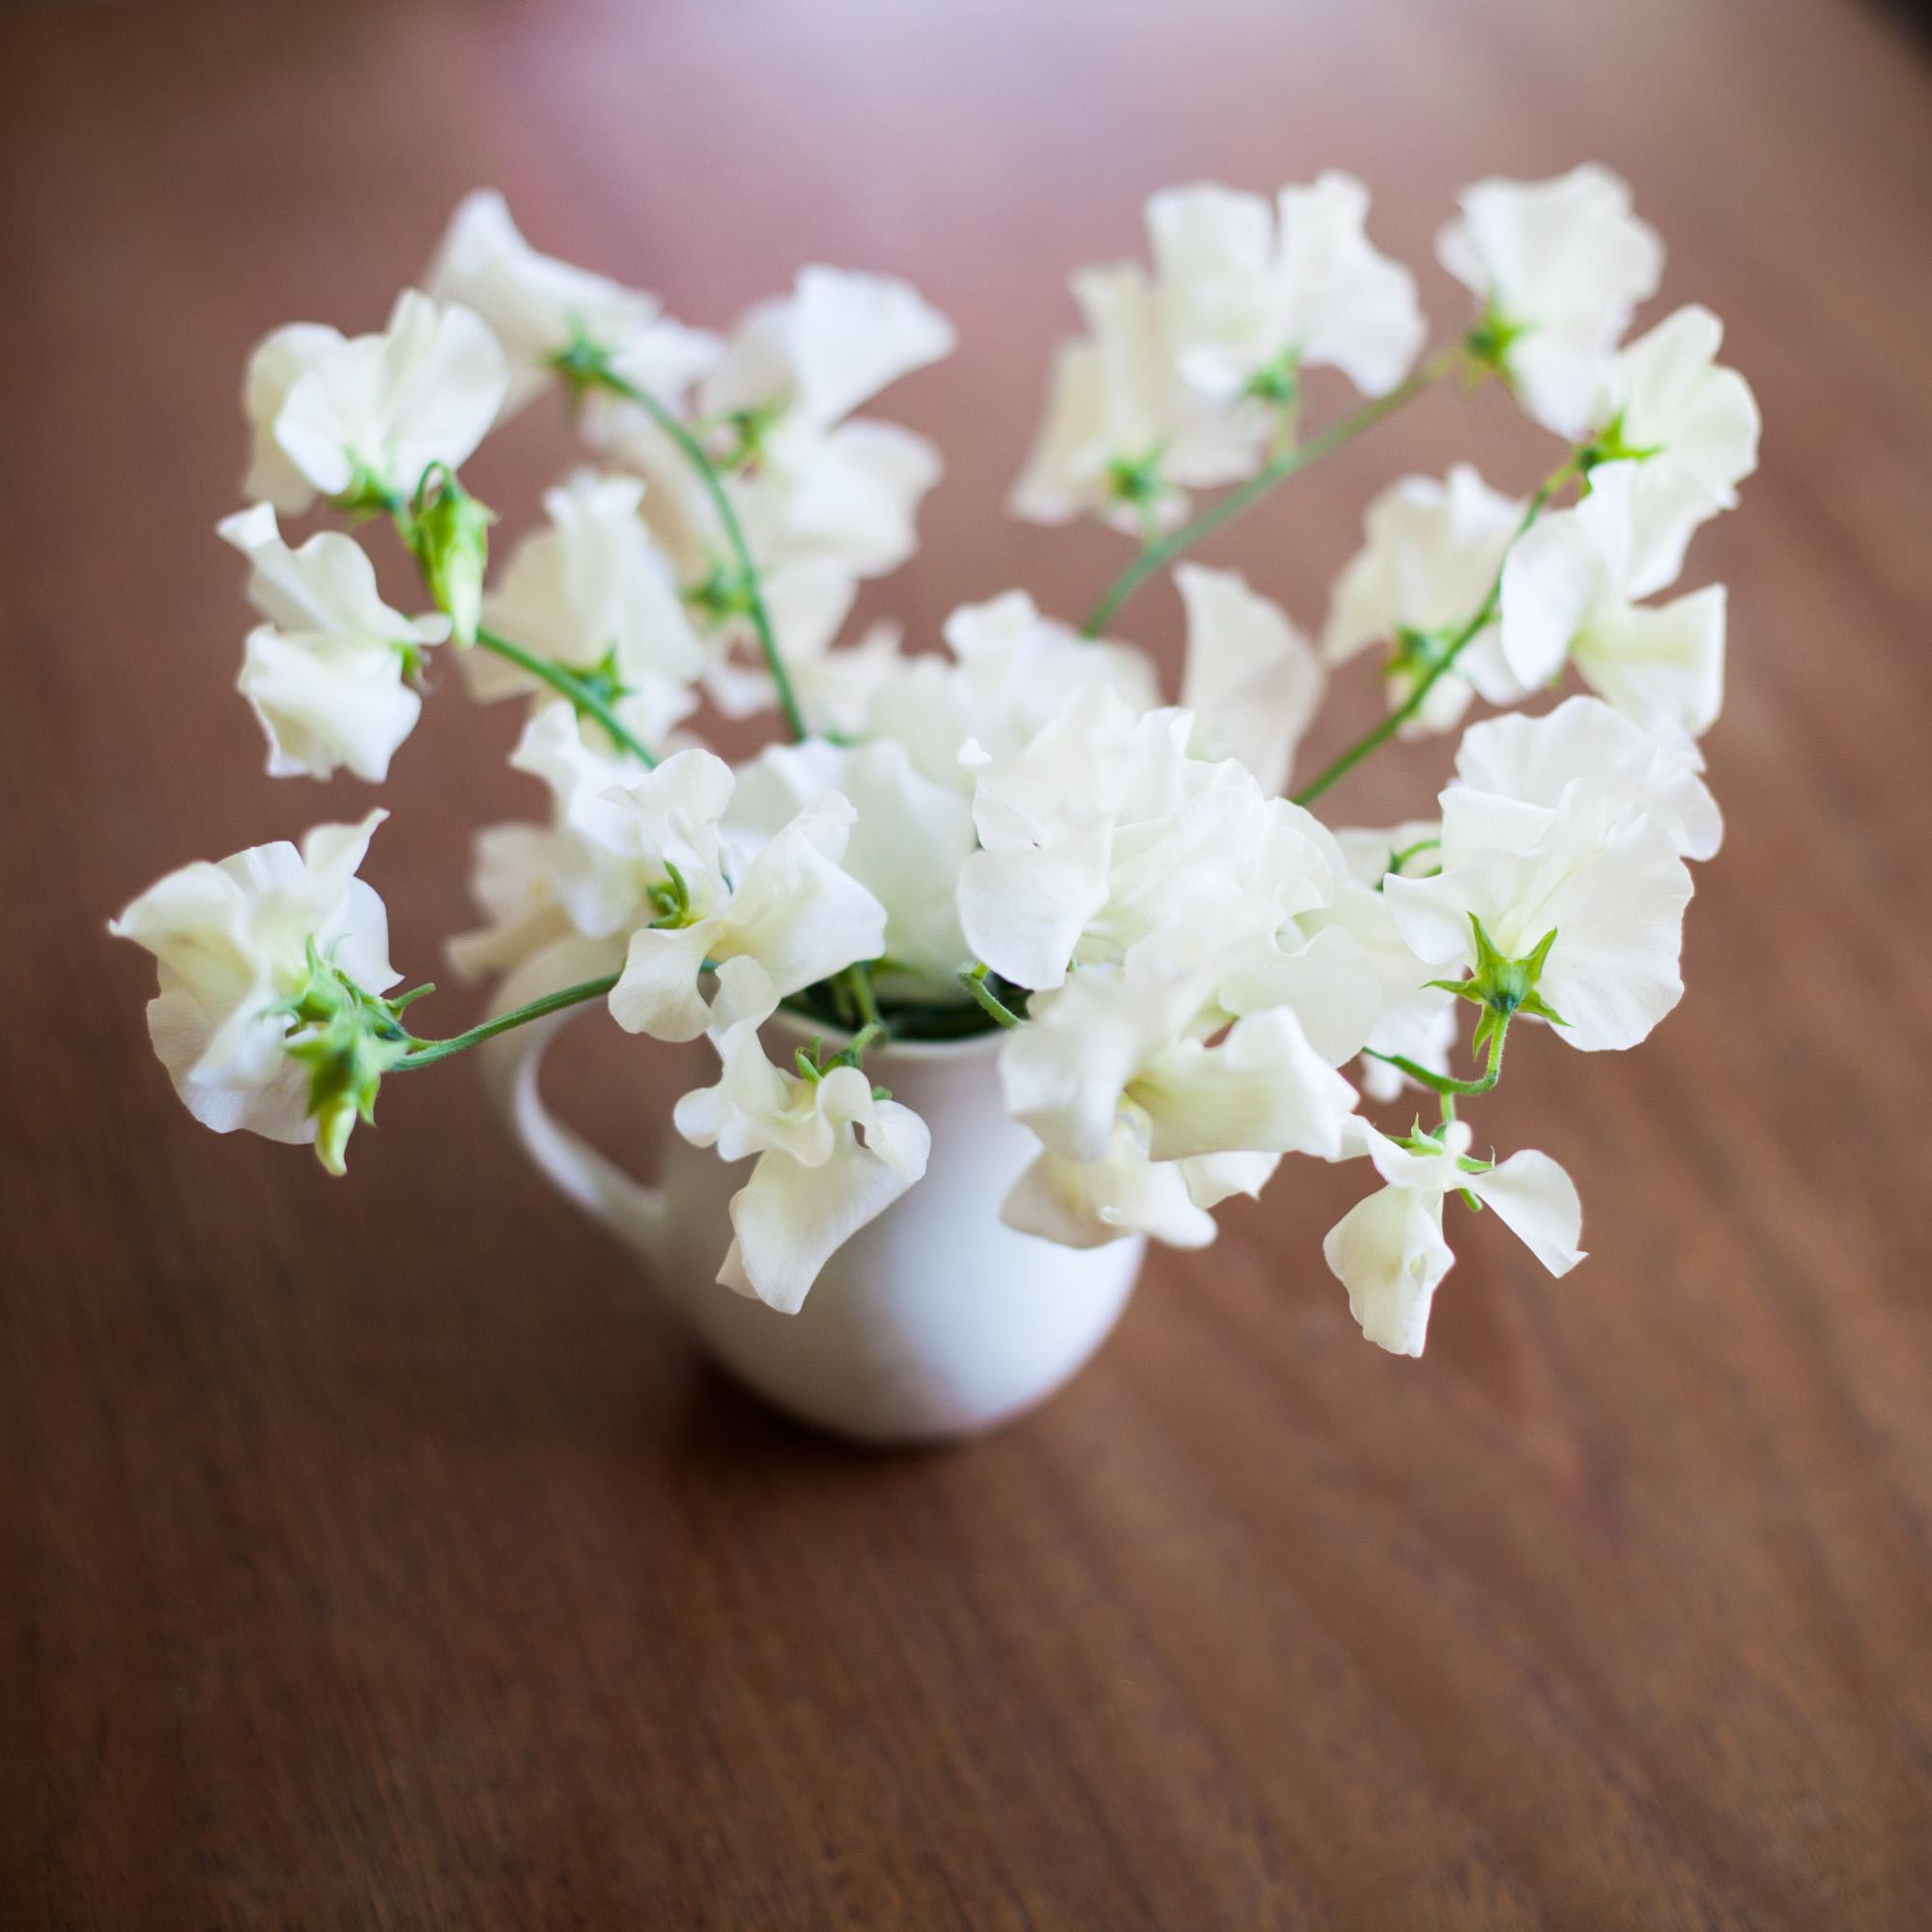 white-sweet-peas-in-small-jug-june-flowers